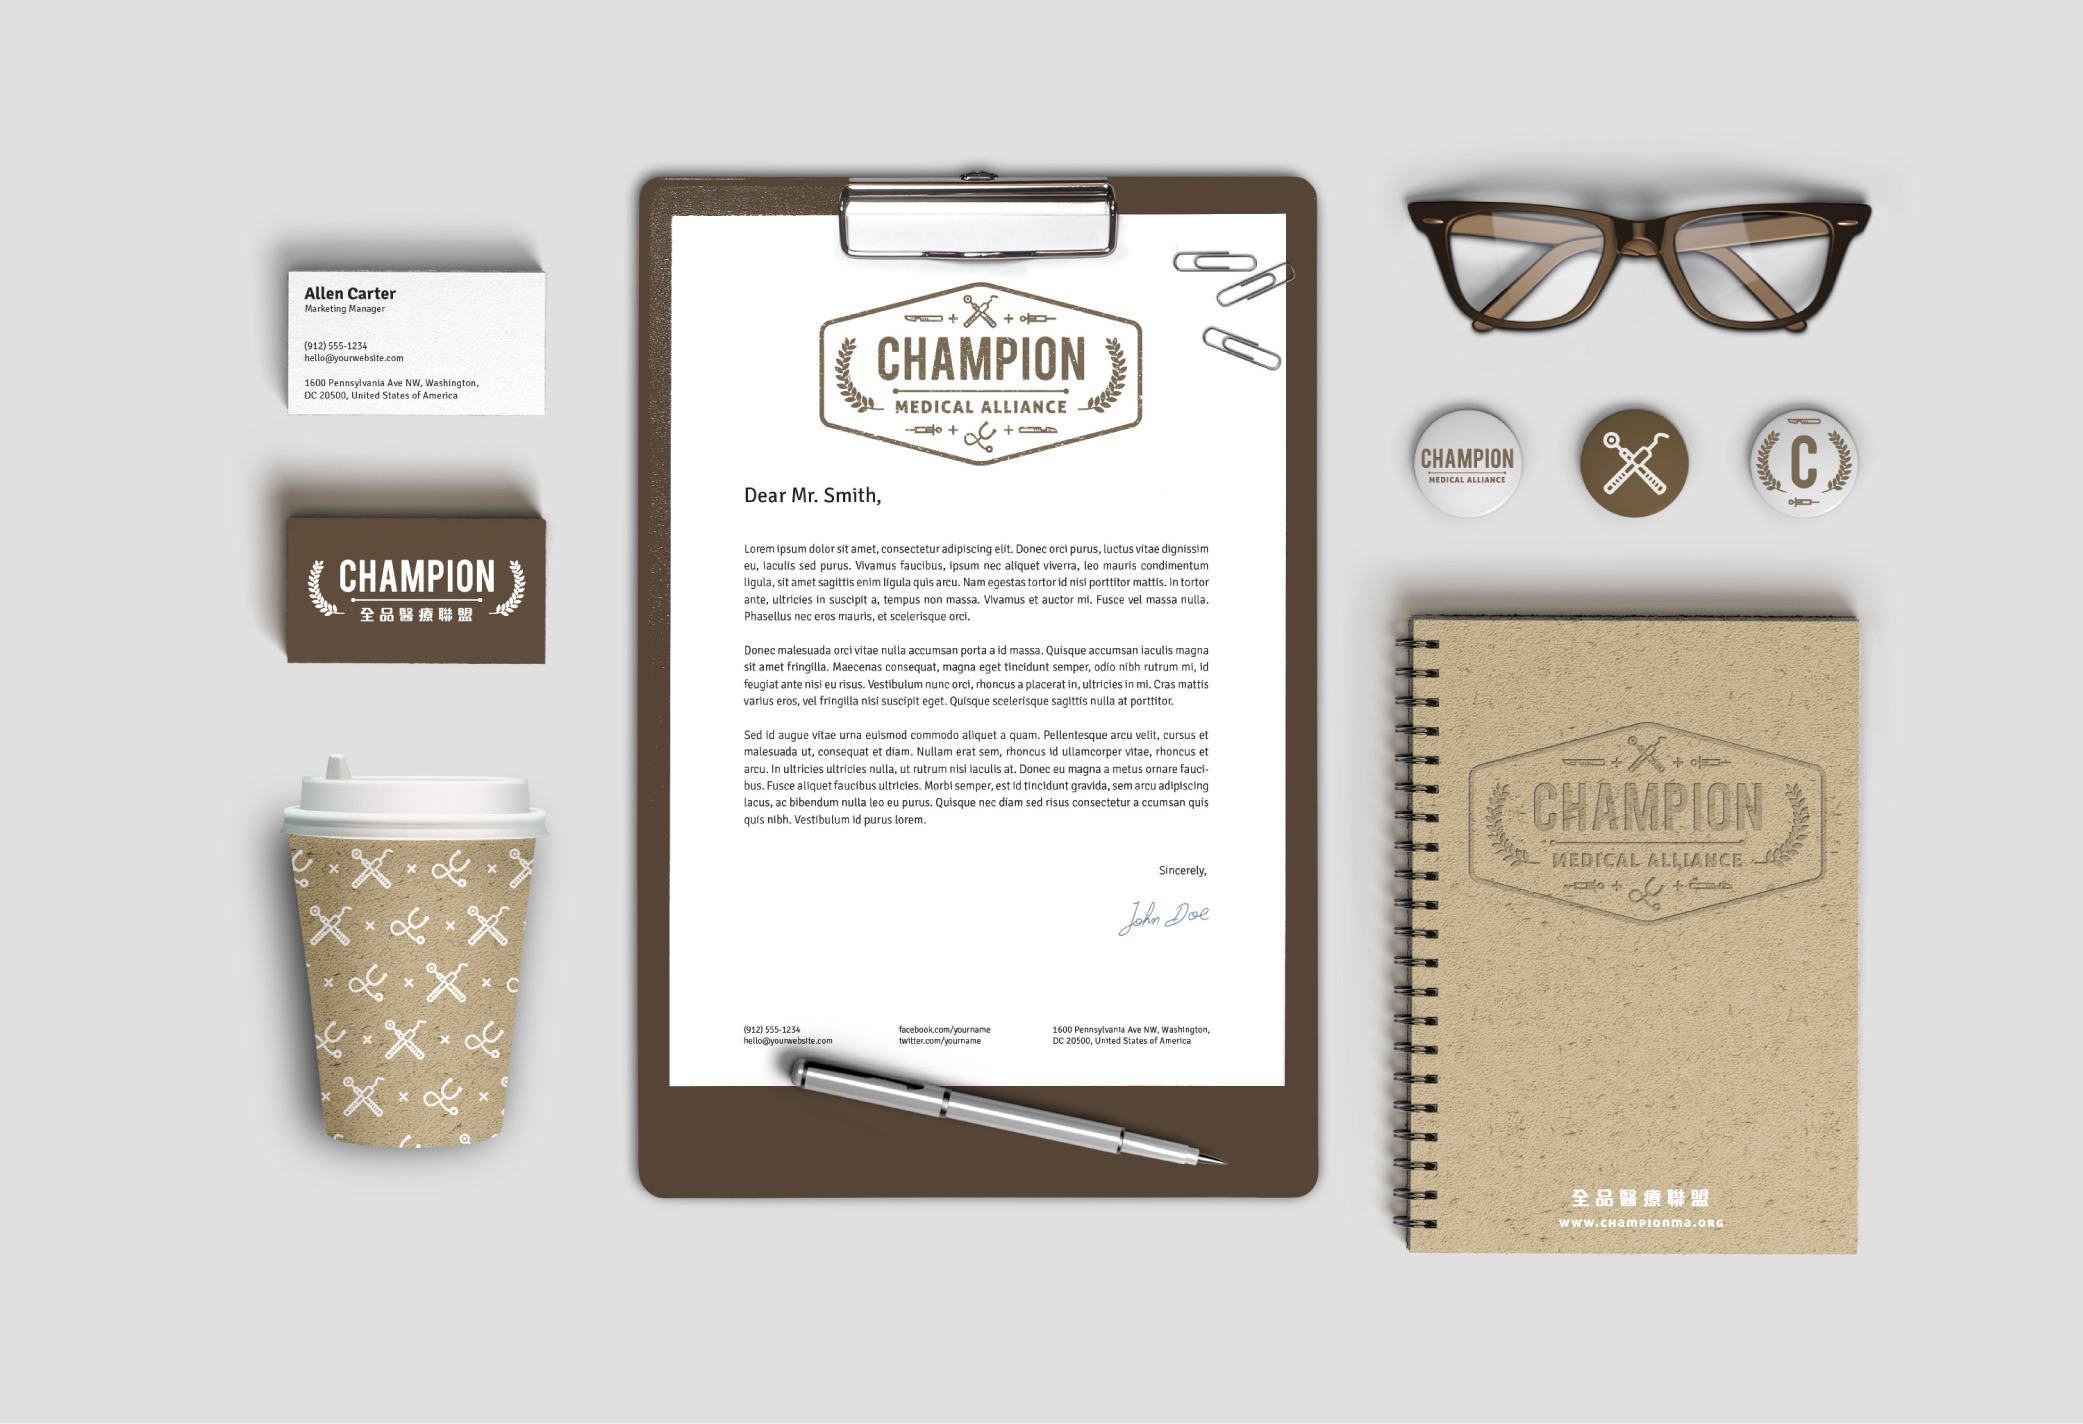 三名治-專案-品牌設計-全品醫療聯盟-延伸製作物